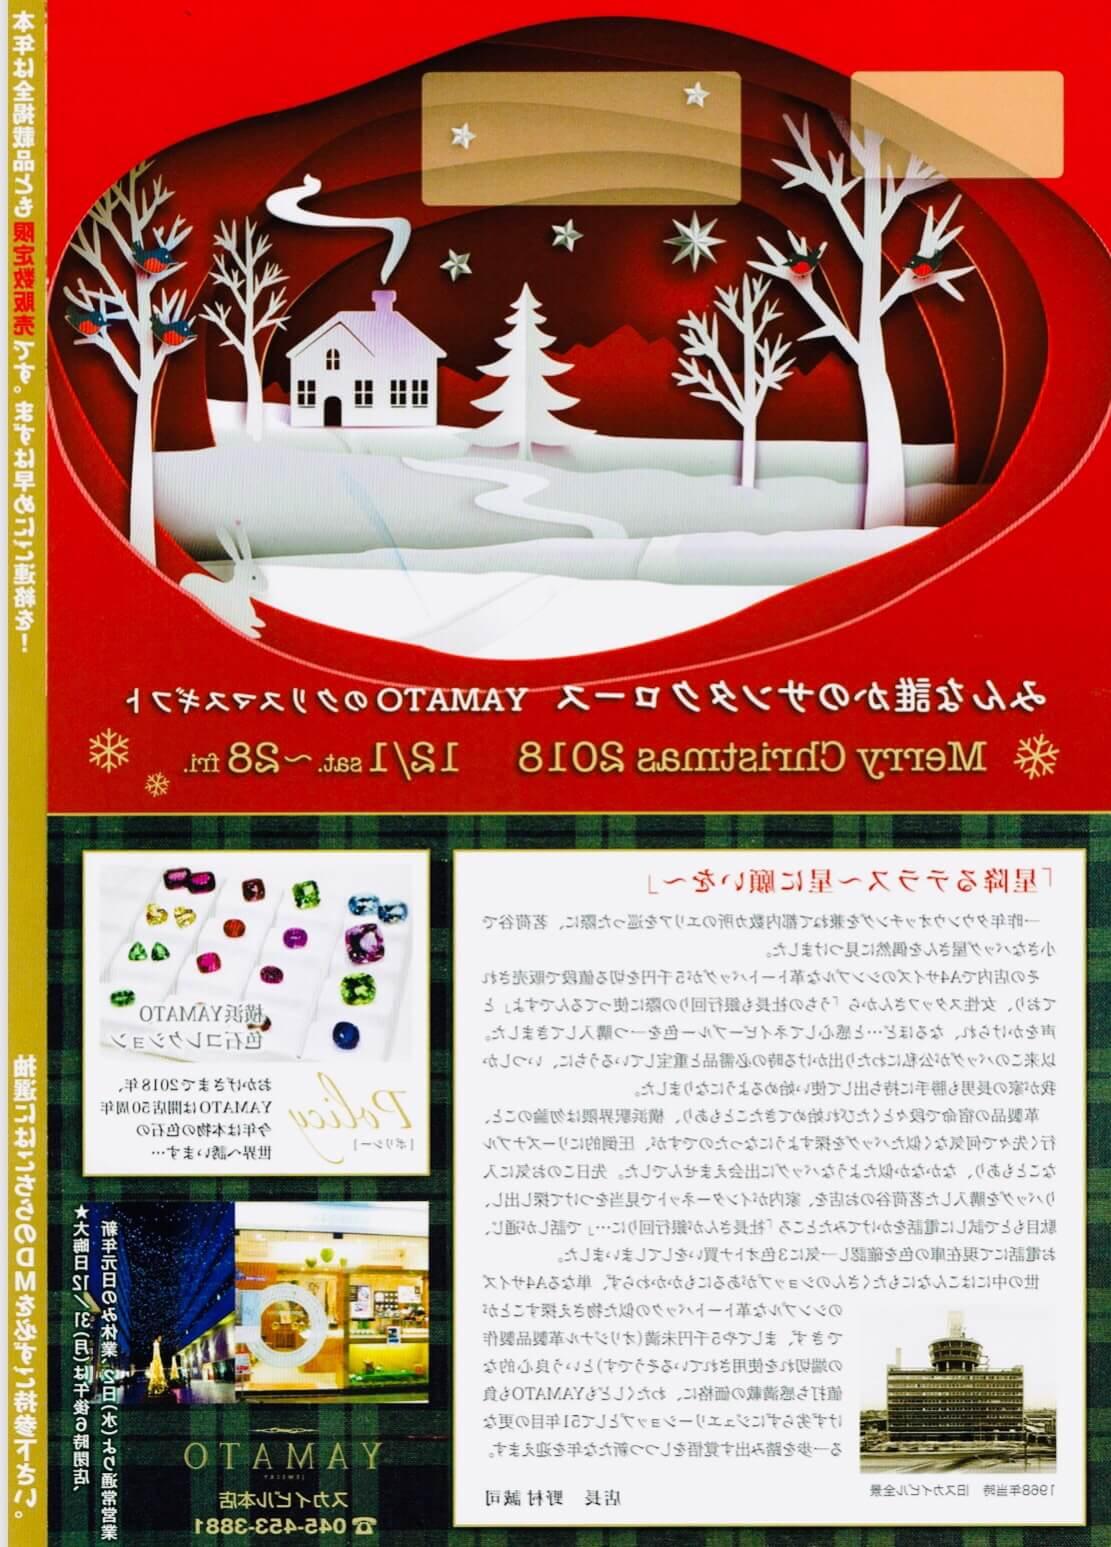 横浜YAMATOクリスマスジュエリーご案内状